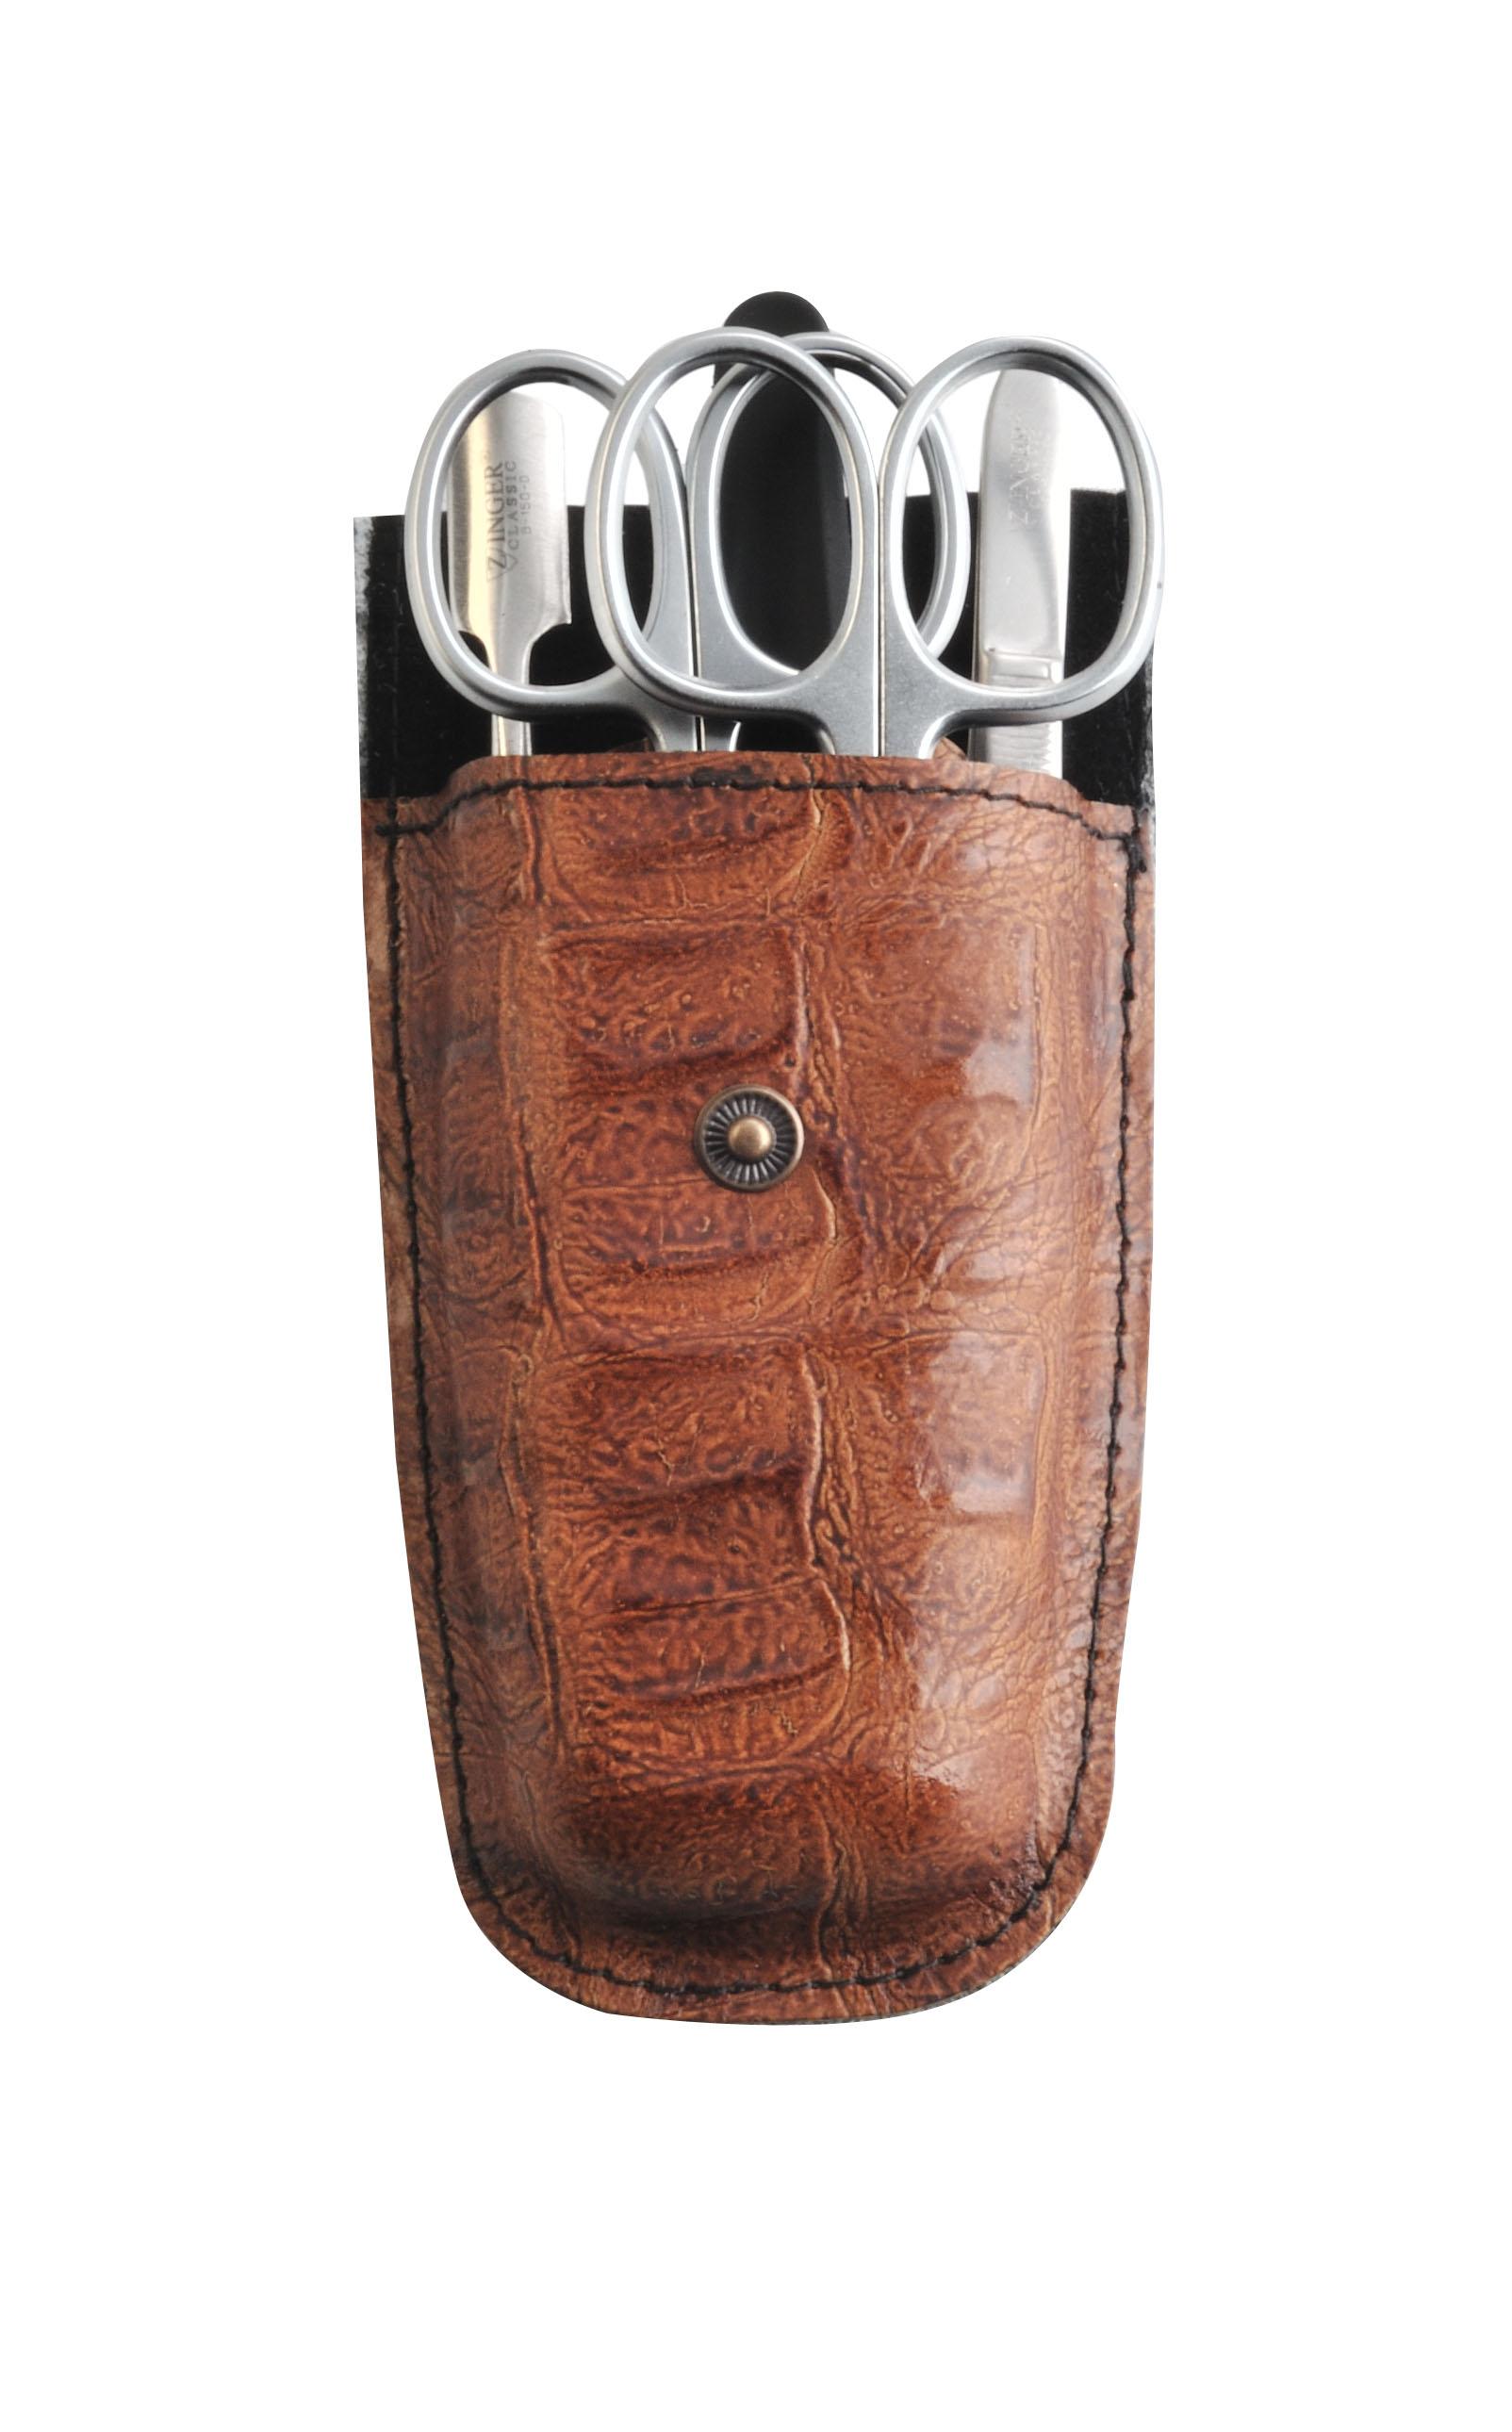 Zinger Маникюрный набор zMs Z-5-SM-SF13069Ман. набор 5 предметов (ножницы кутикульные, ножницы ногтевые, пилка алмазная, металлический двусторонний шабер , пинцет). Чехол натуральная кожа. Цвет инструментов - матовое серебро. Оригинальня фирменная коробка